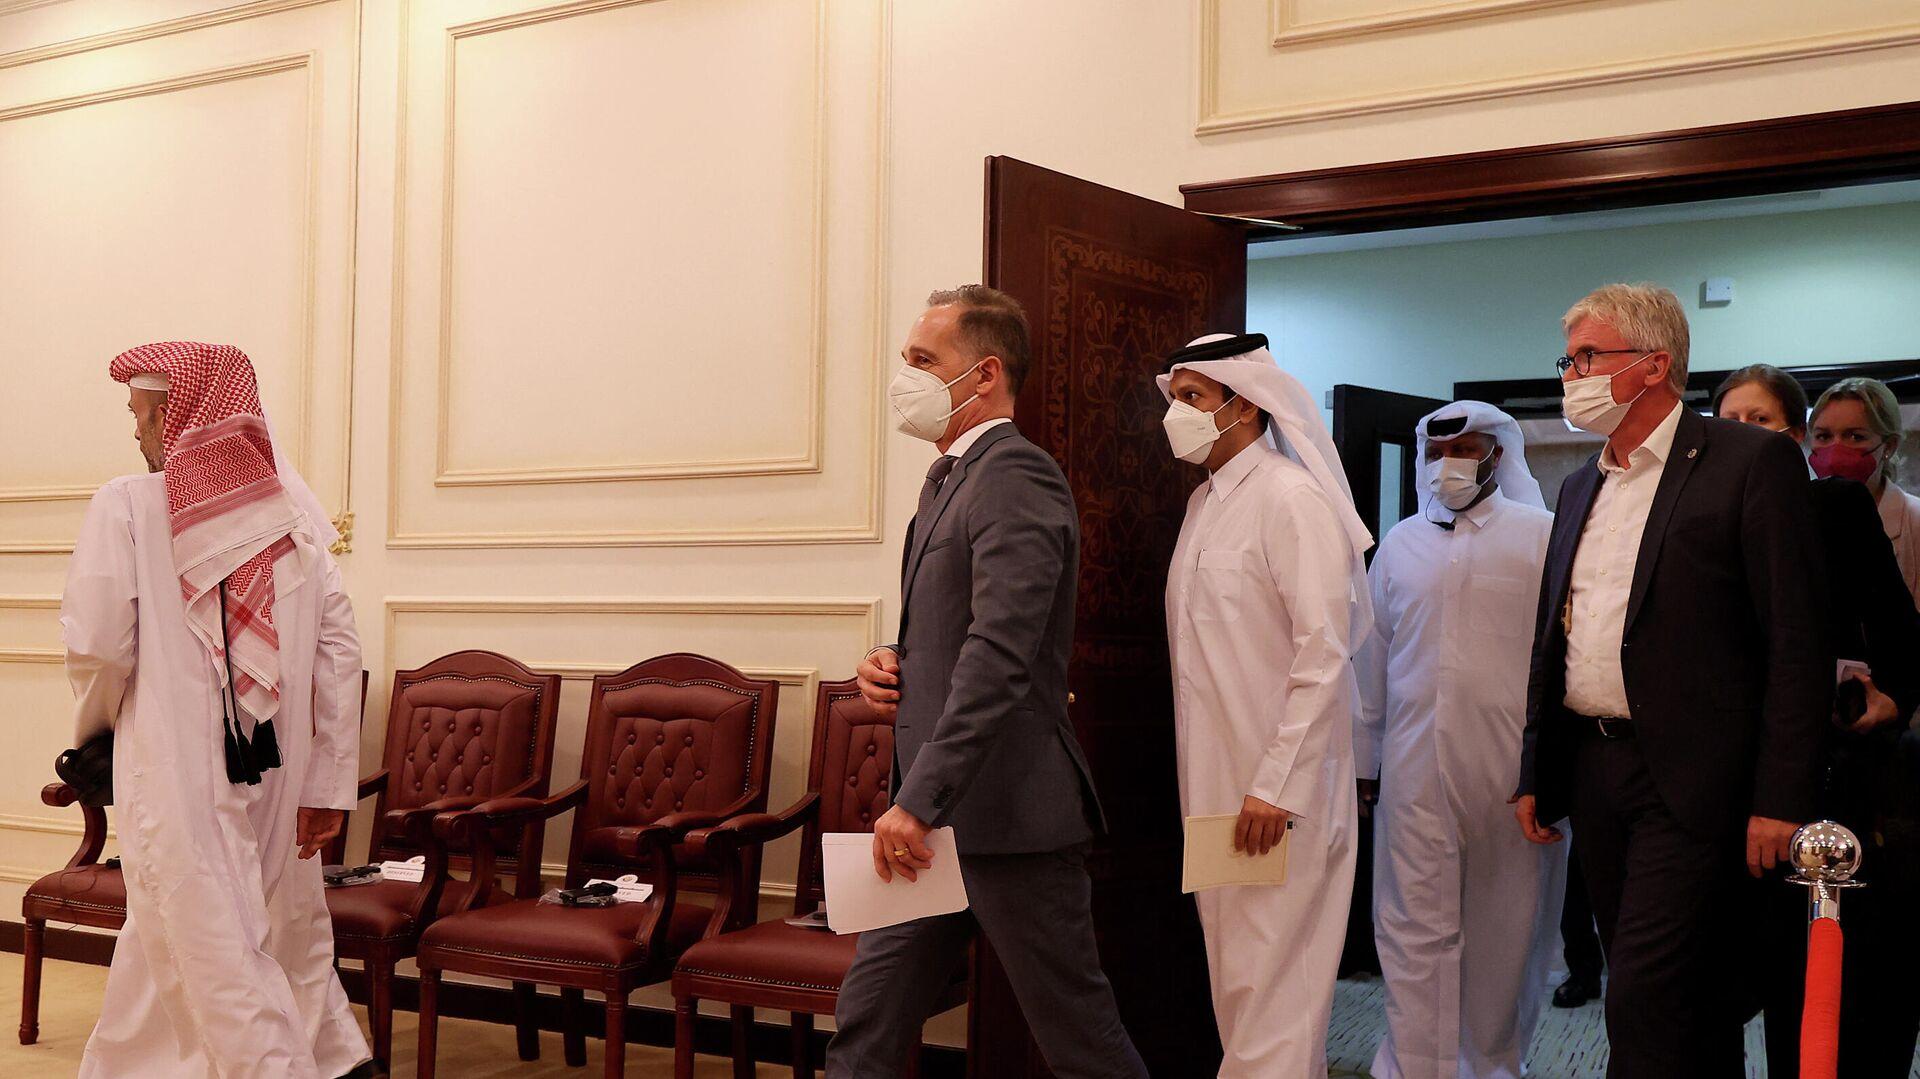 Bundesaußenminister Heiko Maas und sein katarischer Amtskollege Scheich Mohammed bin Abdulrahman al-Thani bei einem Treffen in Doha am 31. August, wo sie die Taliban zur Bekämpfung von Terrorismus sowie zur Bildung einer inklisiven Regierung aufgefordert haben. Symbolfoto. - SNA, 1920, 06.09.2021